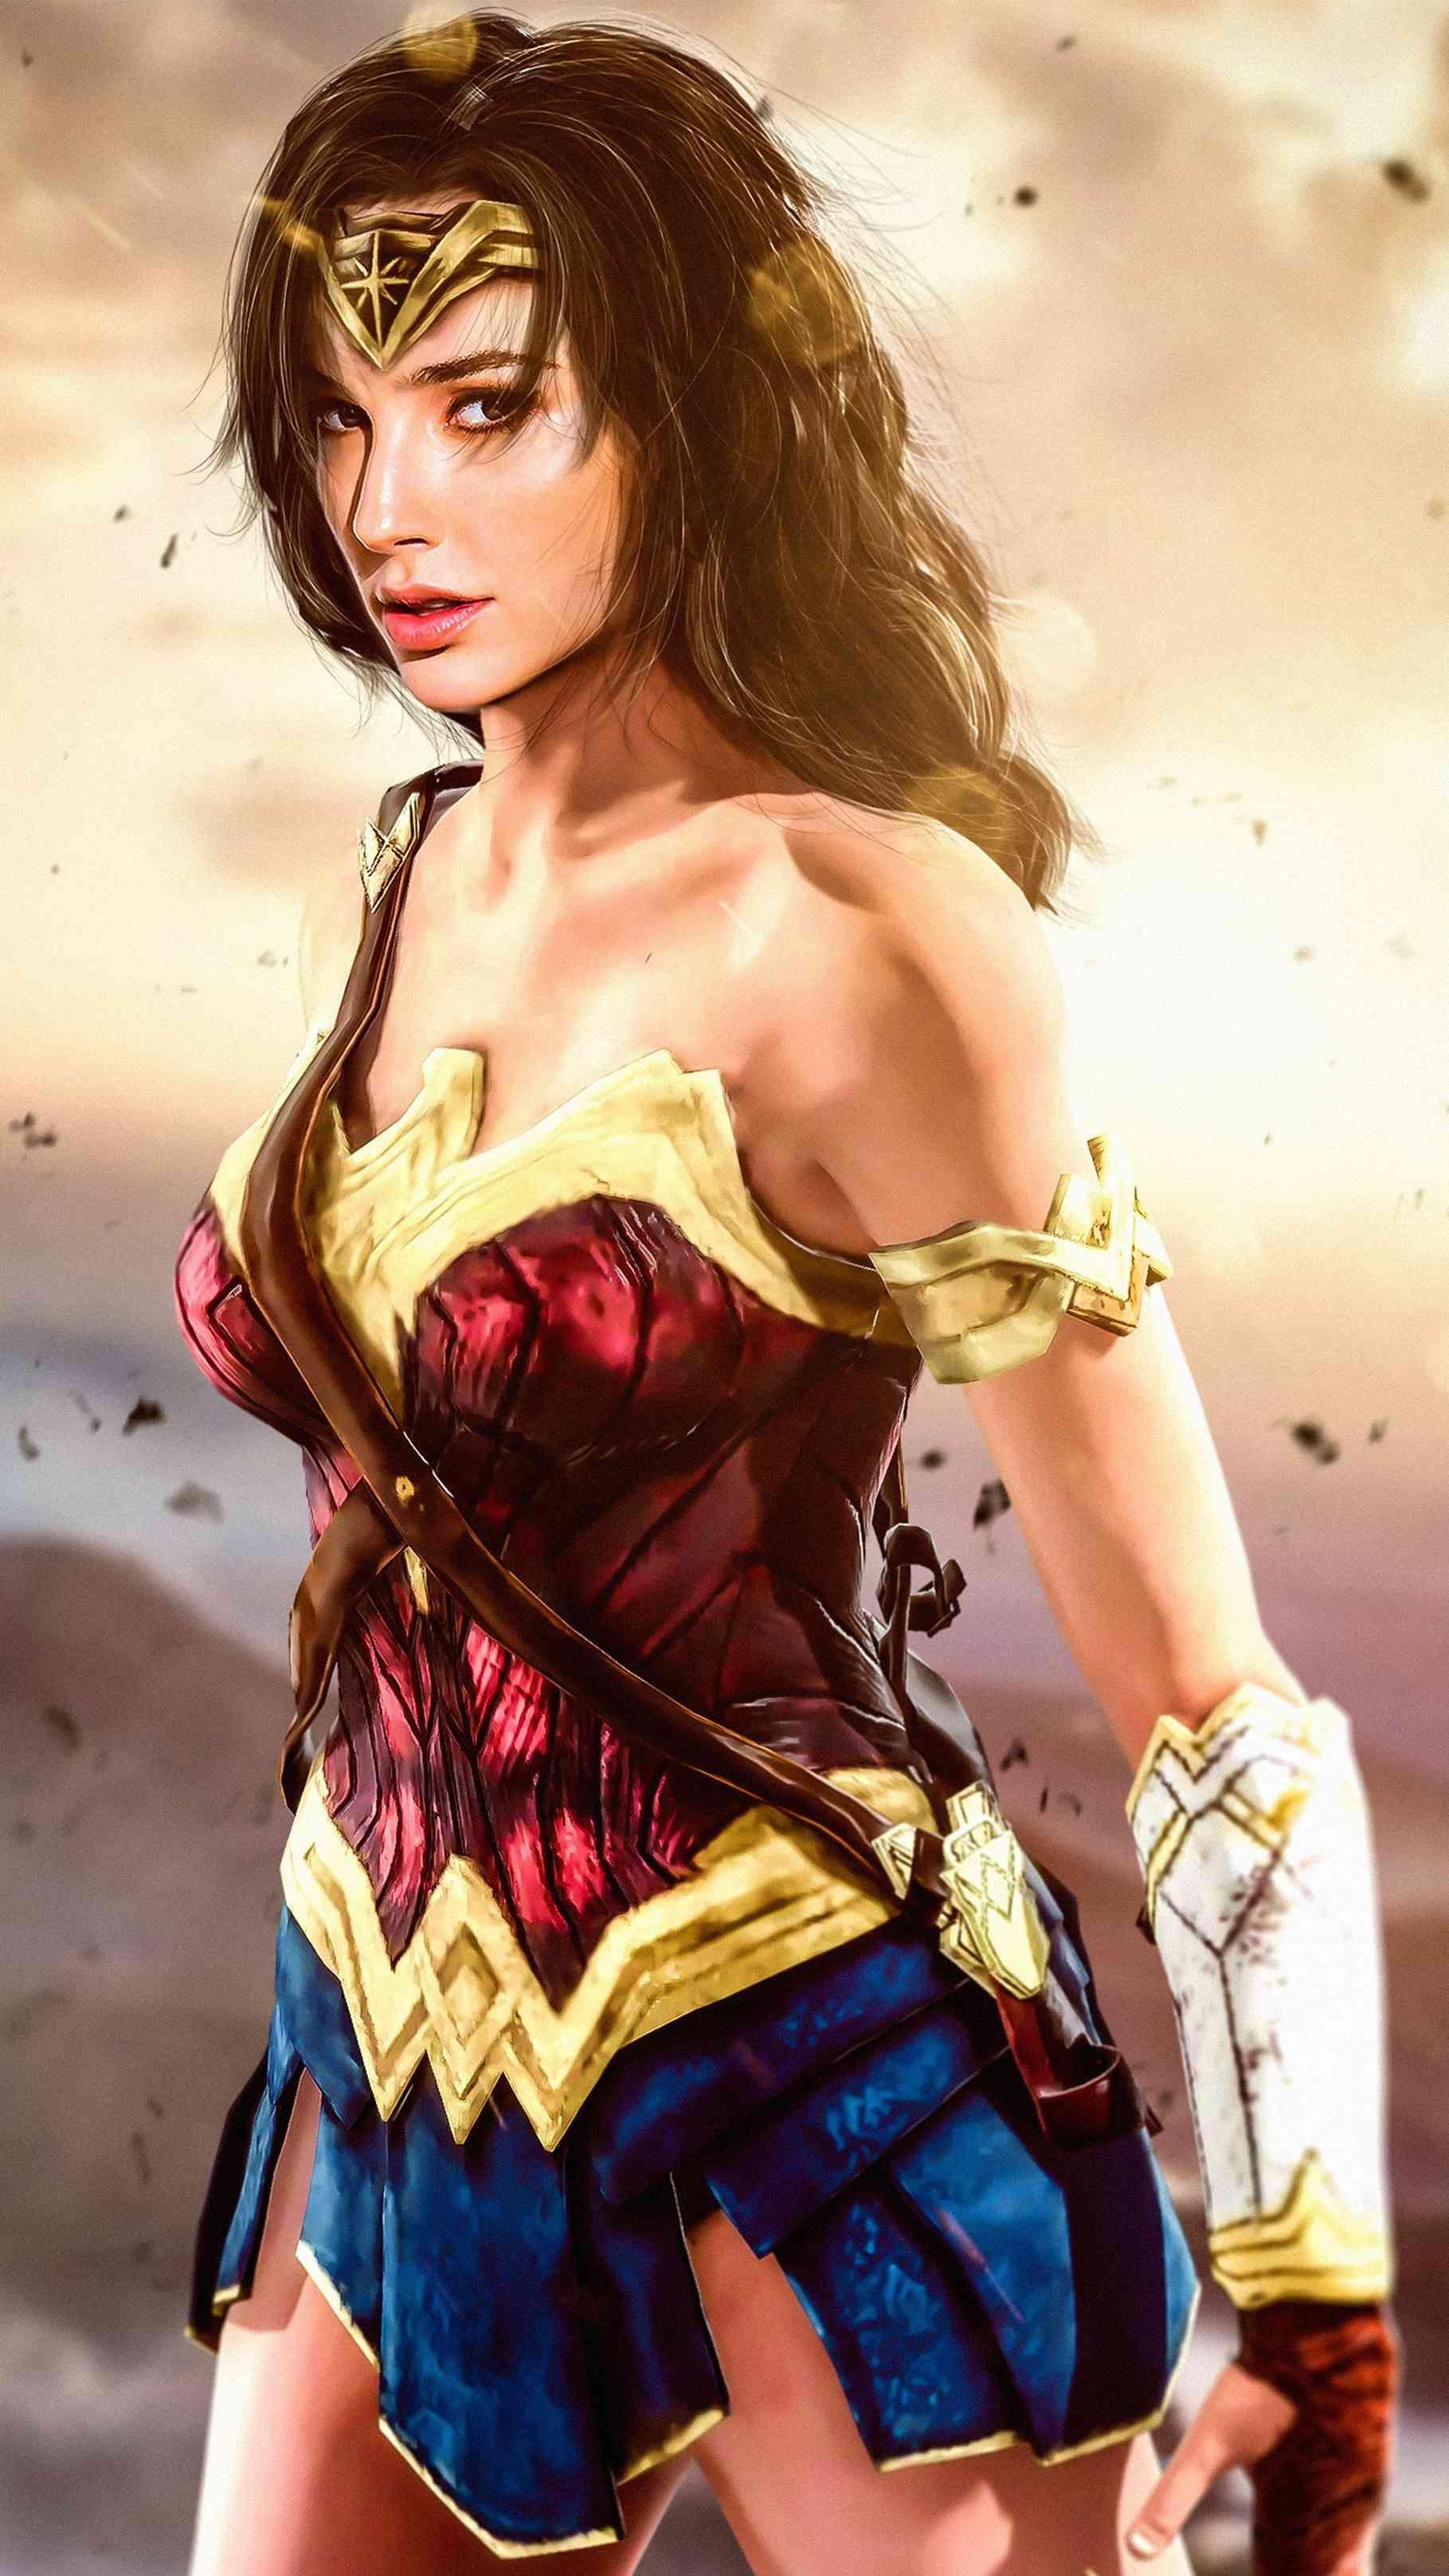 Wonder Woman HD Wallpaper Wonder woman Wonder woman art Gal 1819x3234